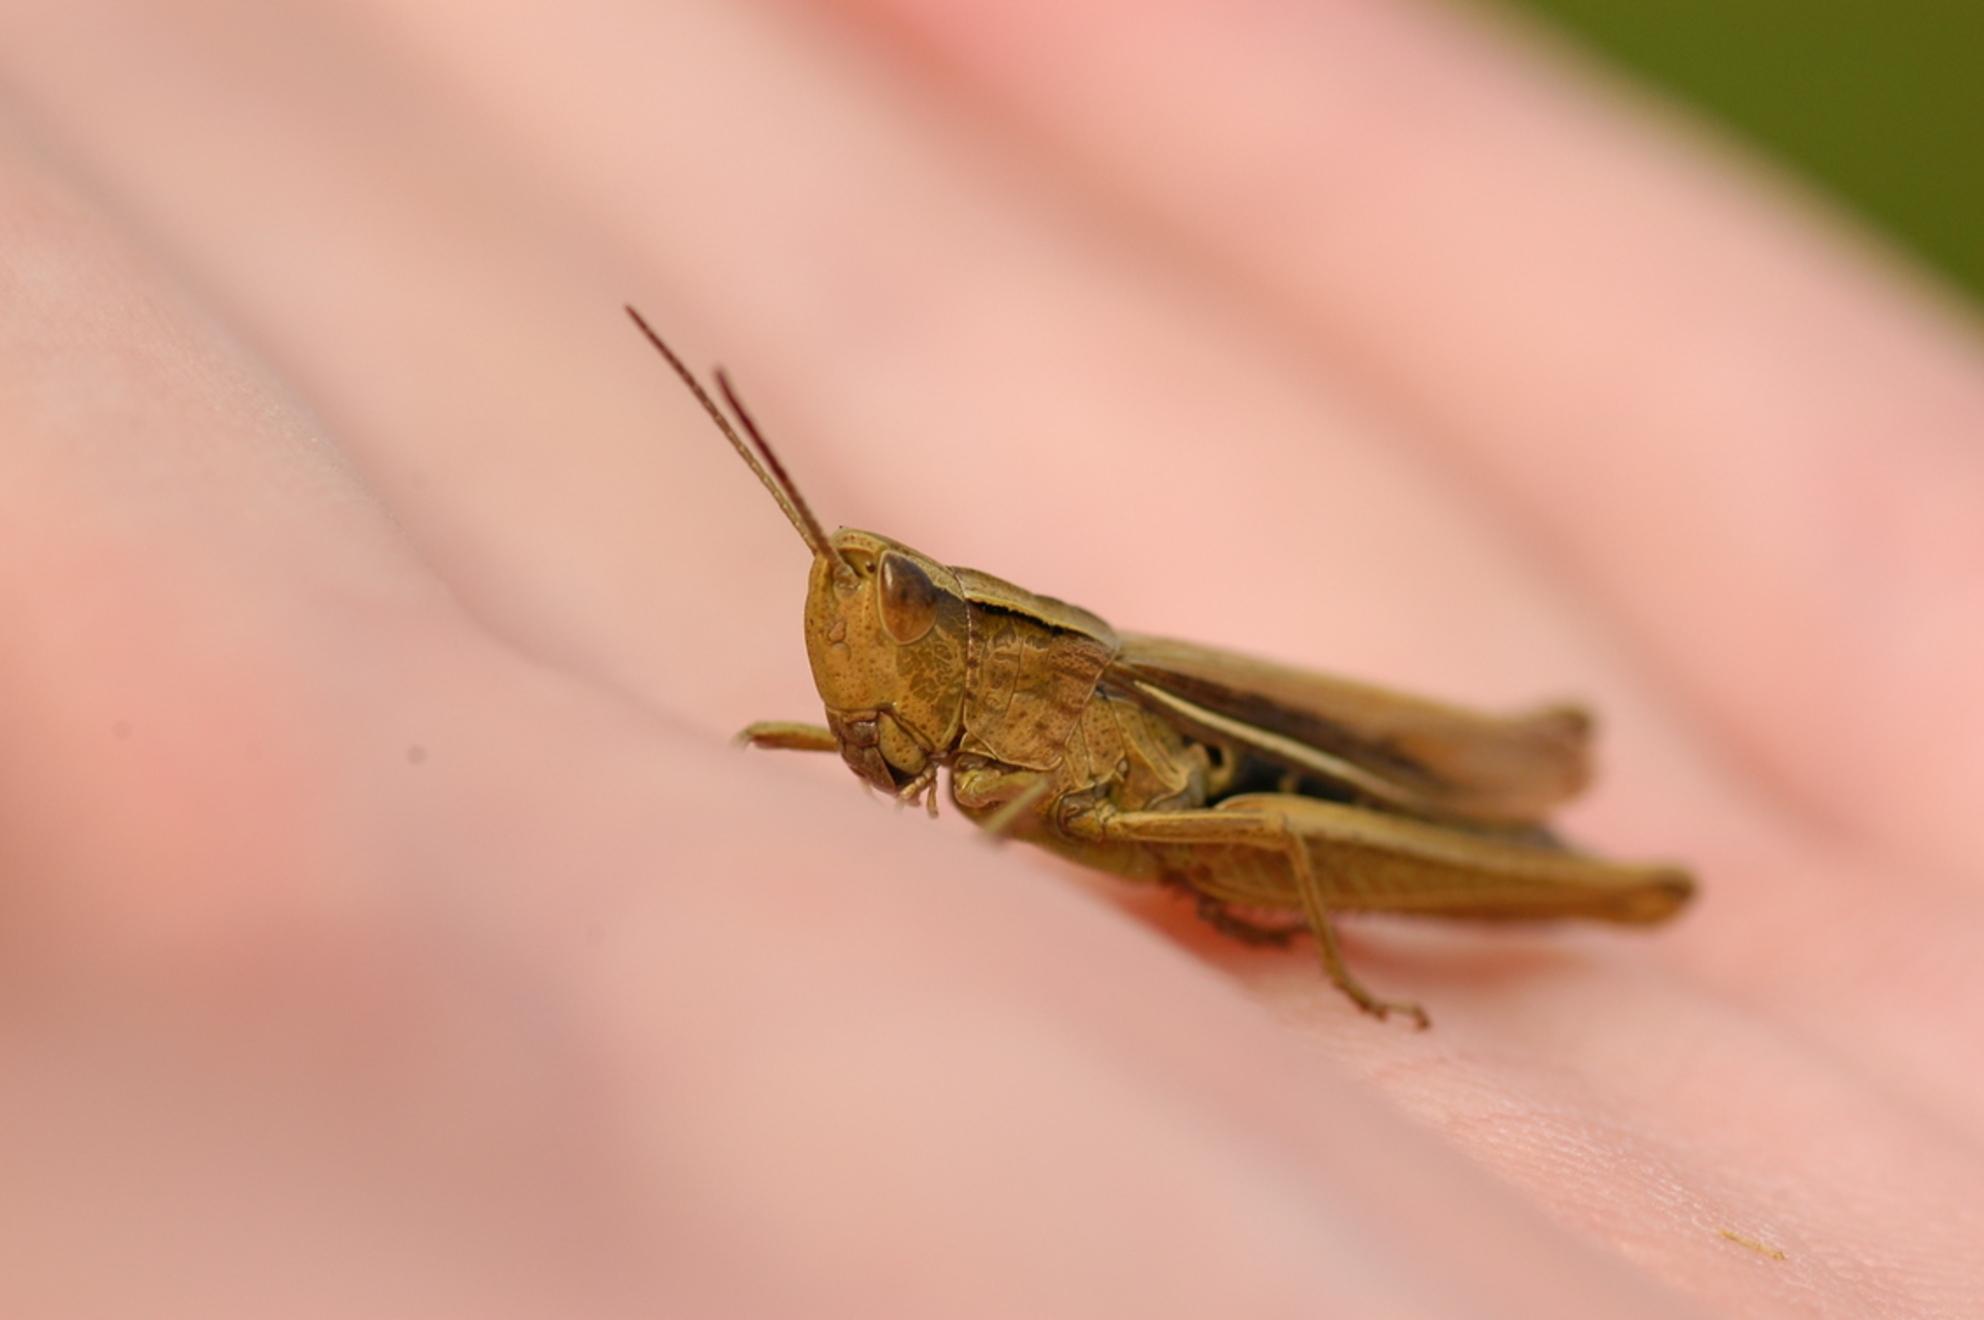 In de hand - Deze springer gefotografeerd toen hij in mijn eigen hand zat. Een krappere uitsnede was misschien beter, maar daaruit was het niet echt op te maken d - foto door Lailaat op 20-08-2008 - deze foto bevat: macro, hand, sprinkhaan, insect, biemie, nerds